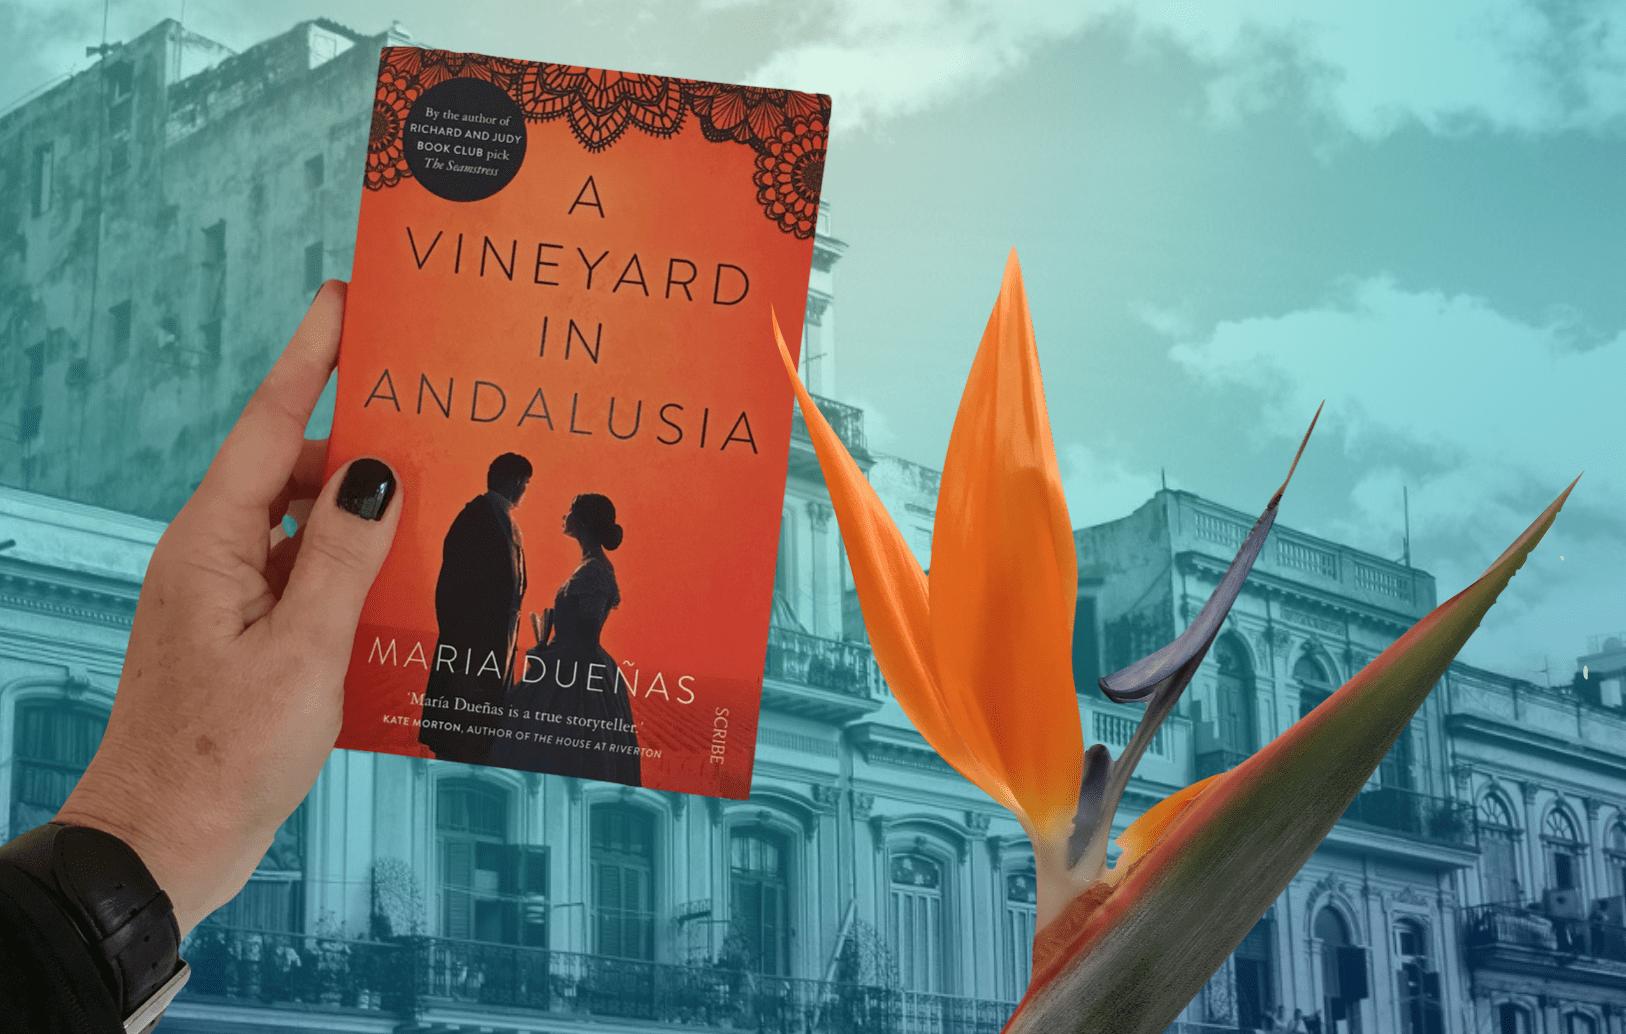 Historical novel set in the Spanish speaking world